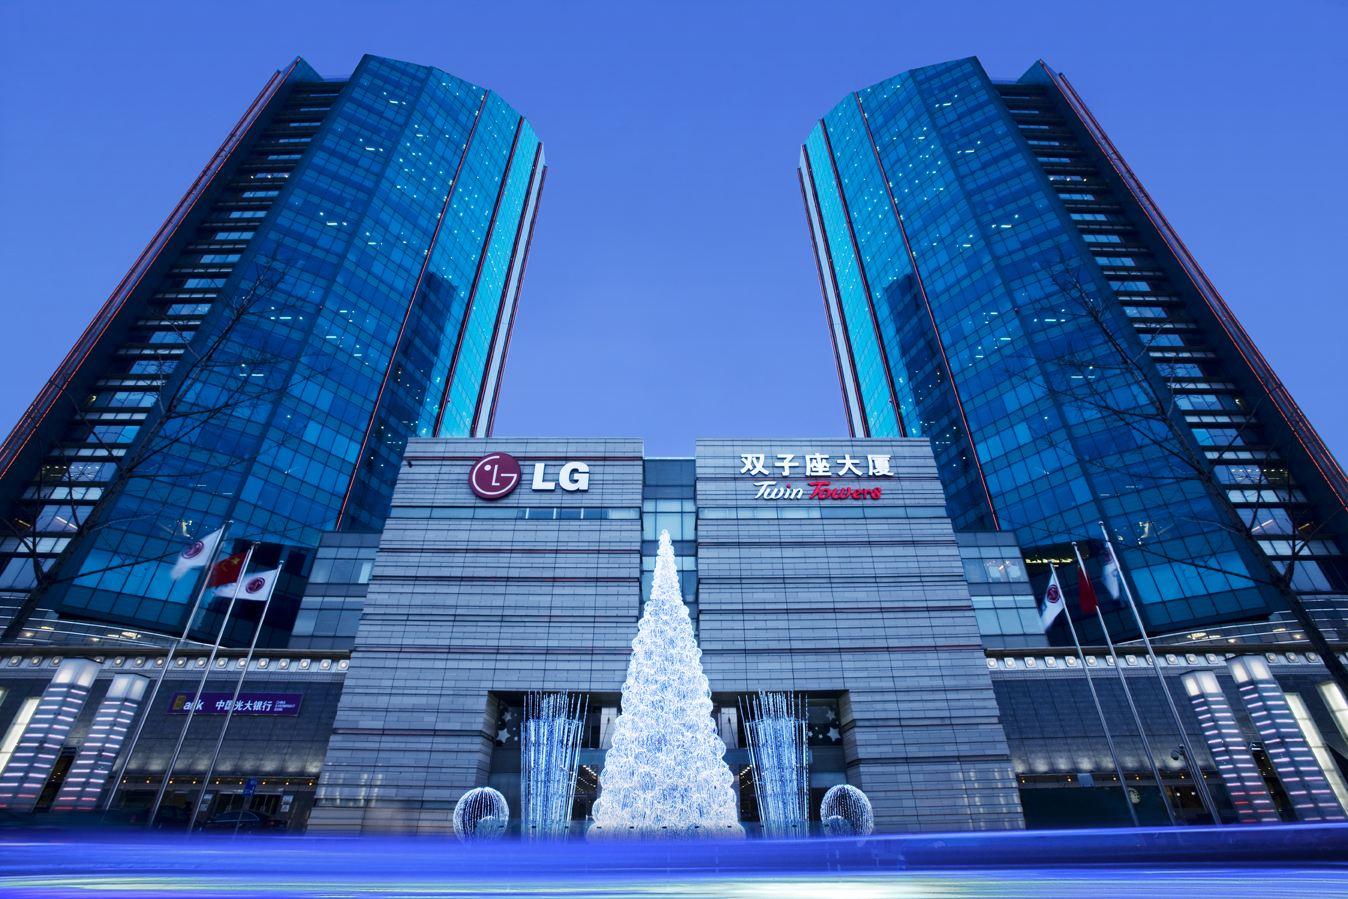 LG出售北京双子座总部,卖了81亿